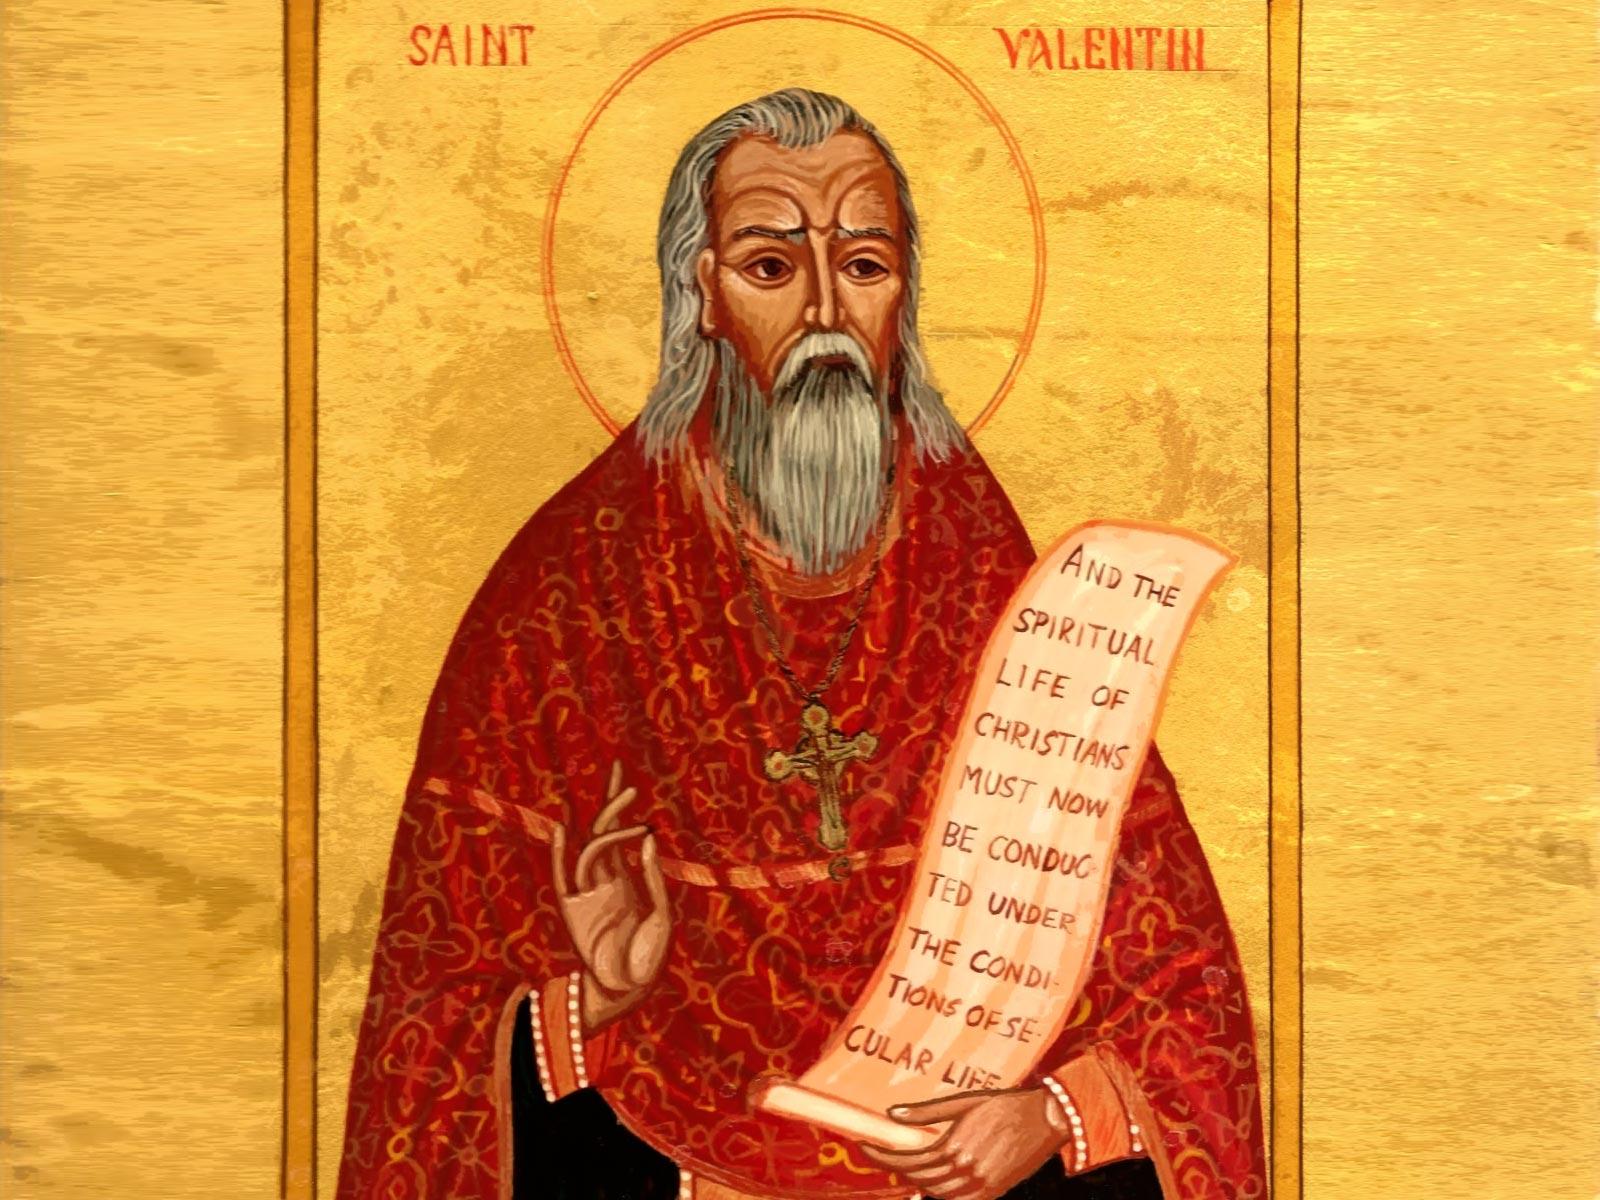 Valentine's Day: entenda a data e veja famosos que celebraram